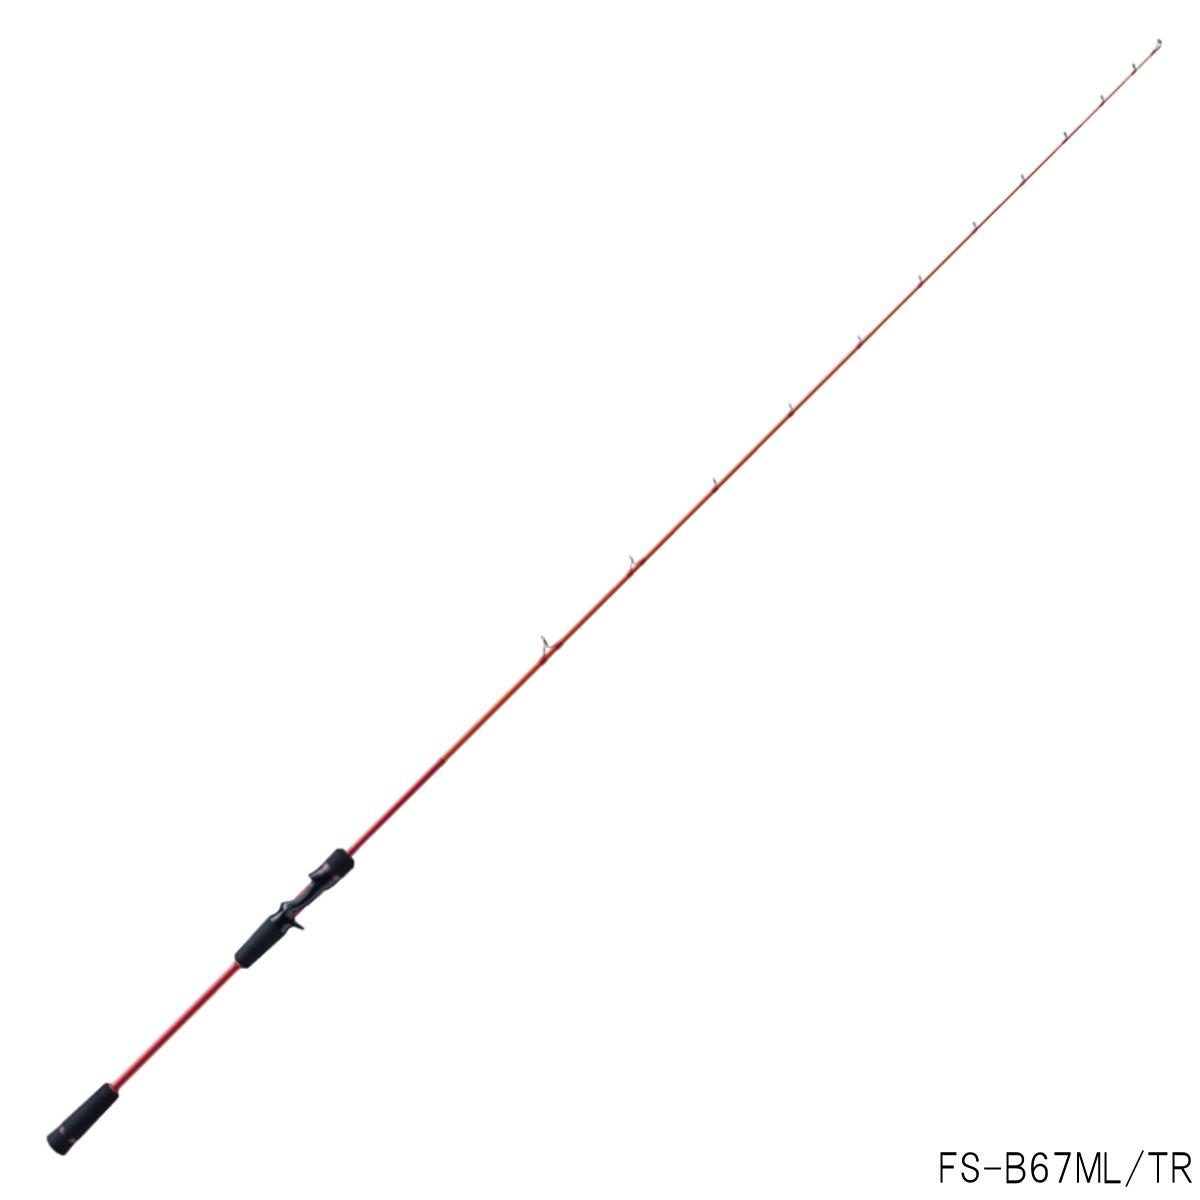 フルソリ 鯛ラバ FS-B67ML/TR【大型商品】